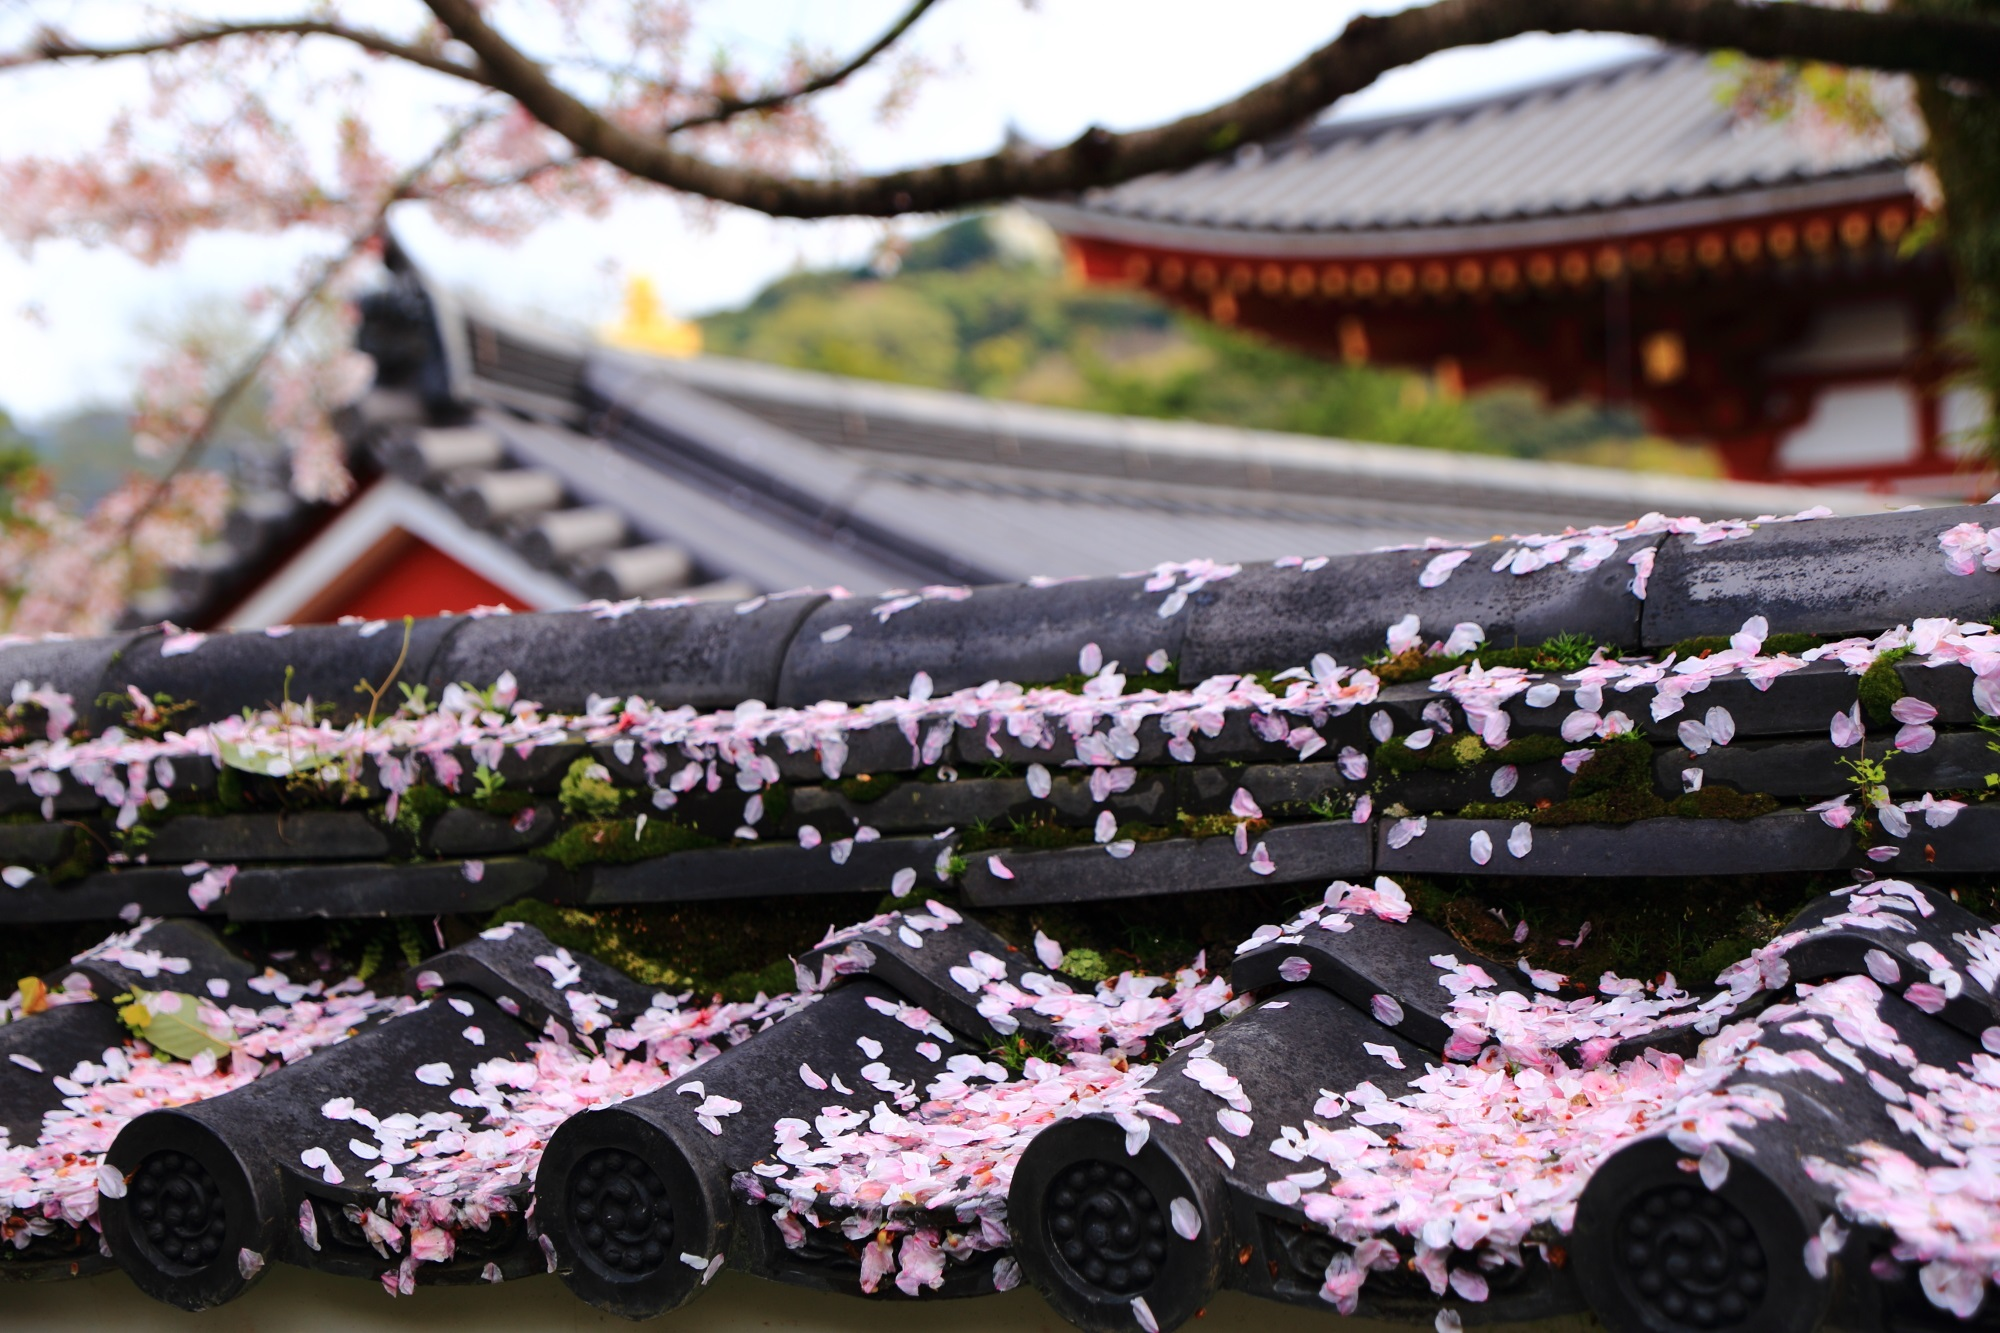 ピンクの散り桜で見事に染まる塀の屋根瓦